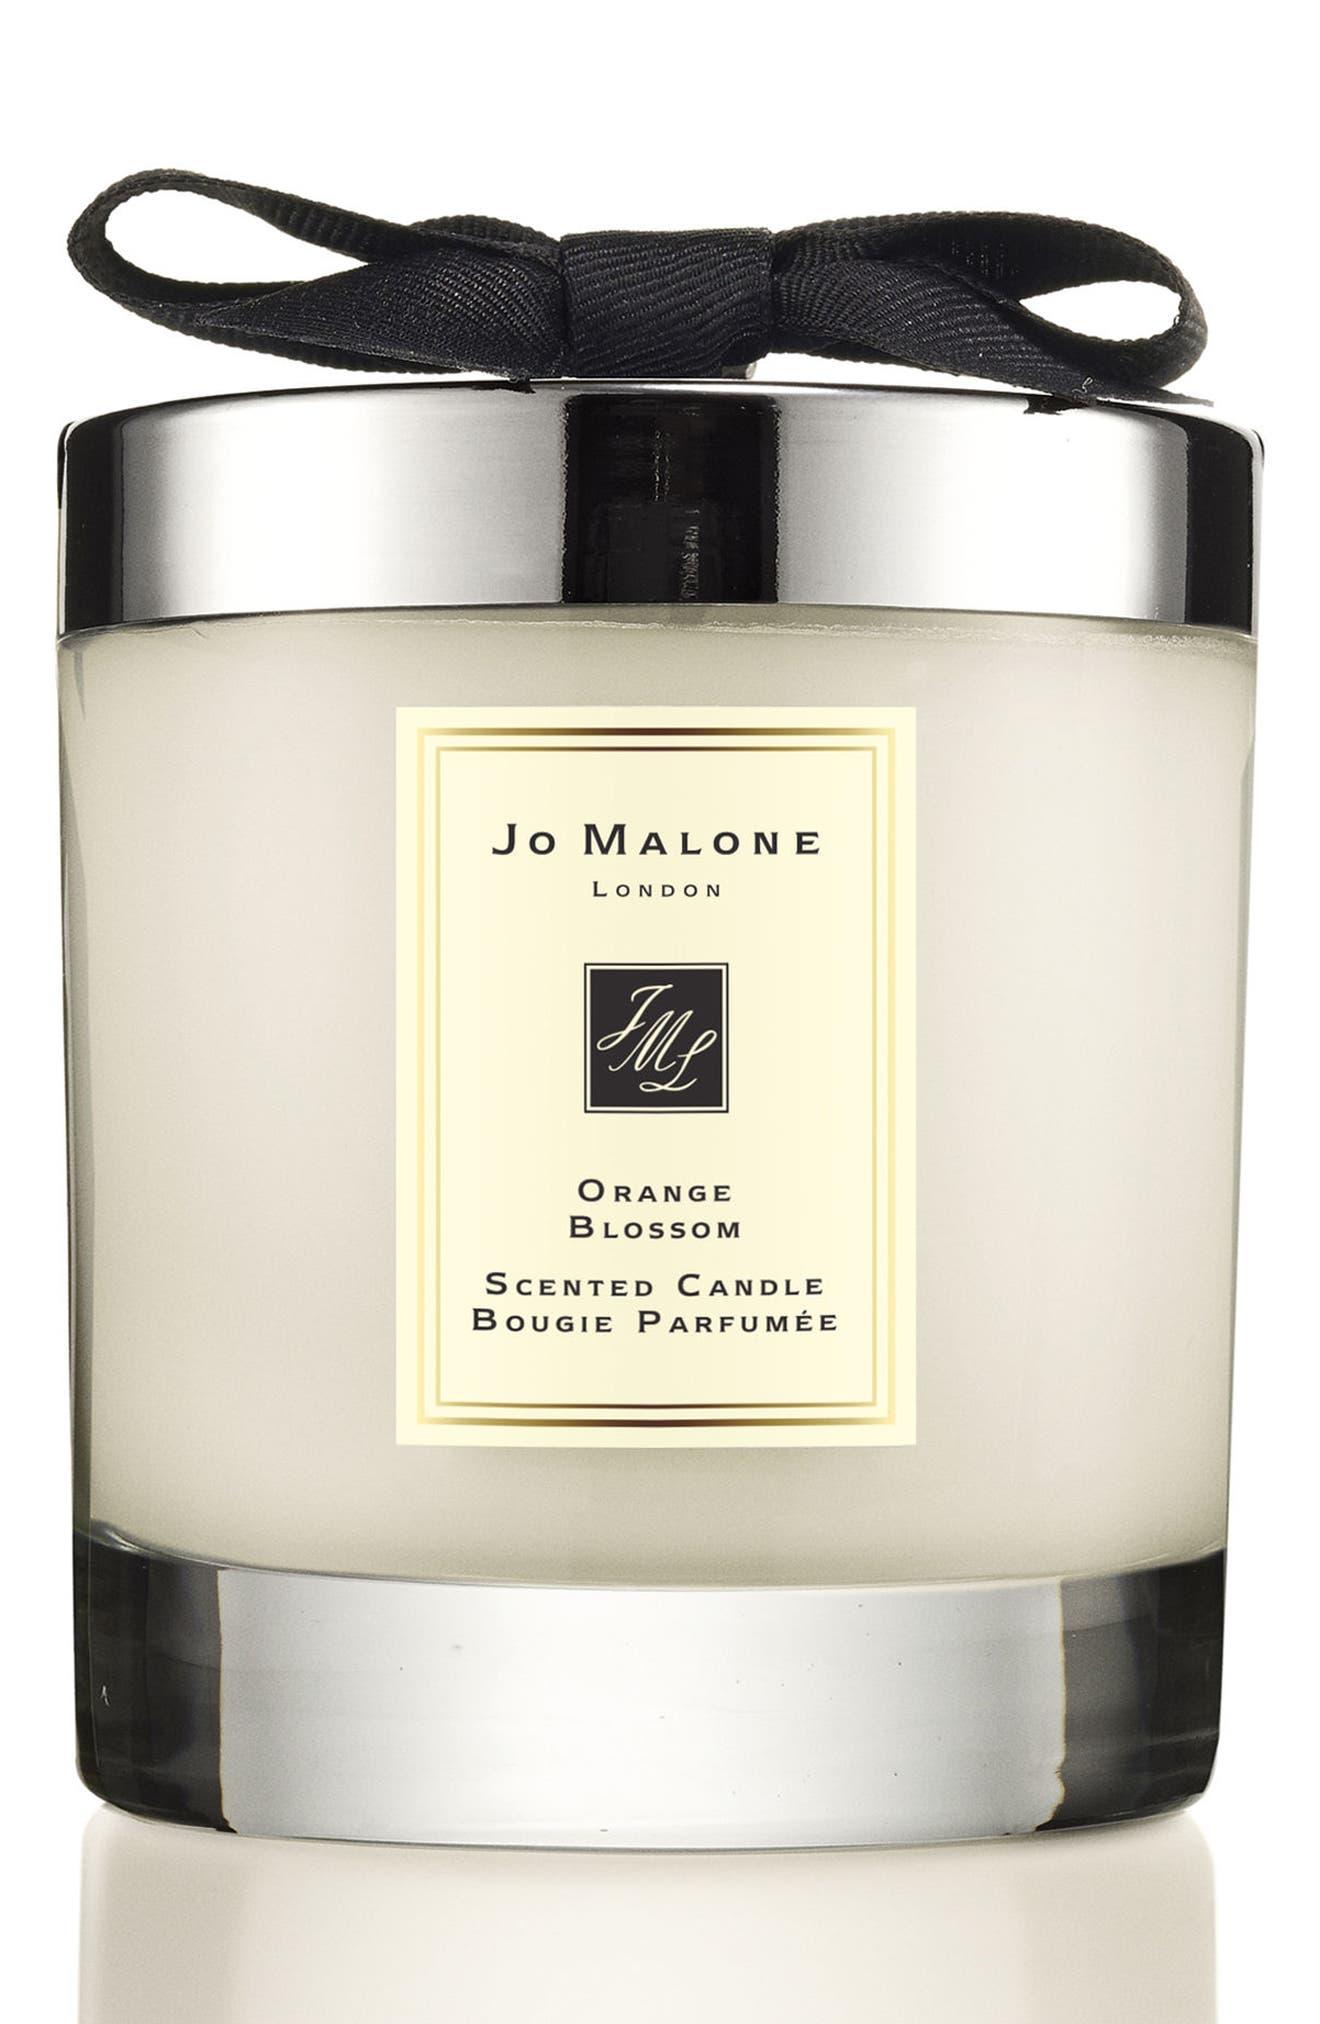 Jo Malone™ 'Orange Blossom' Scented Home Candle